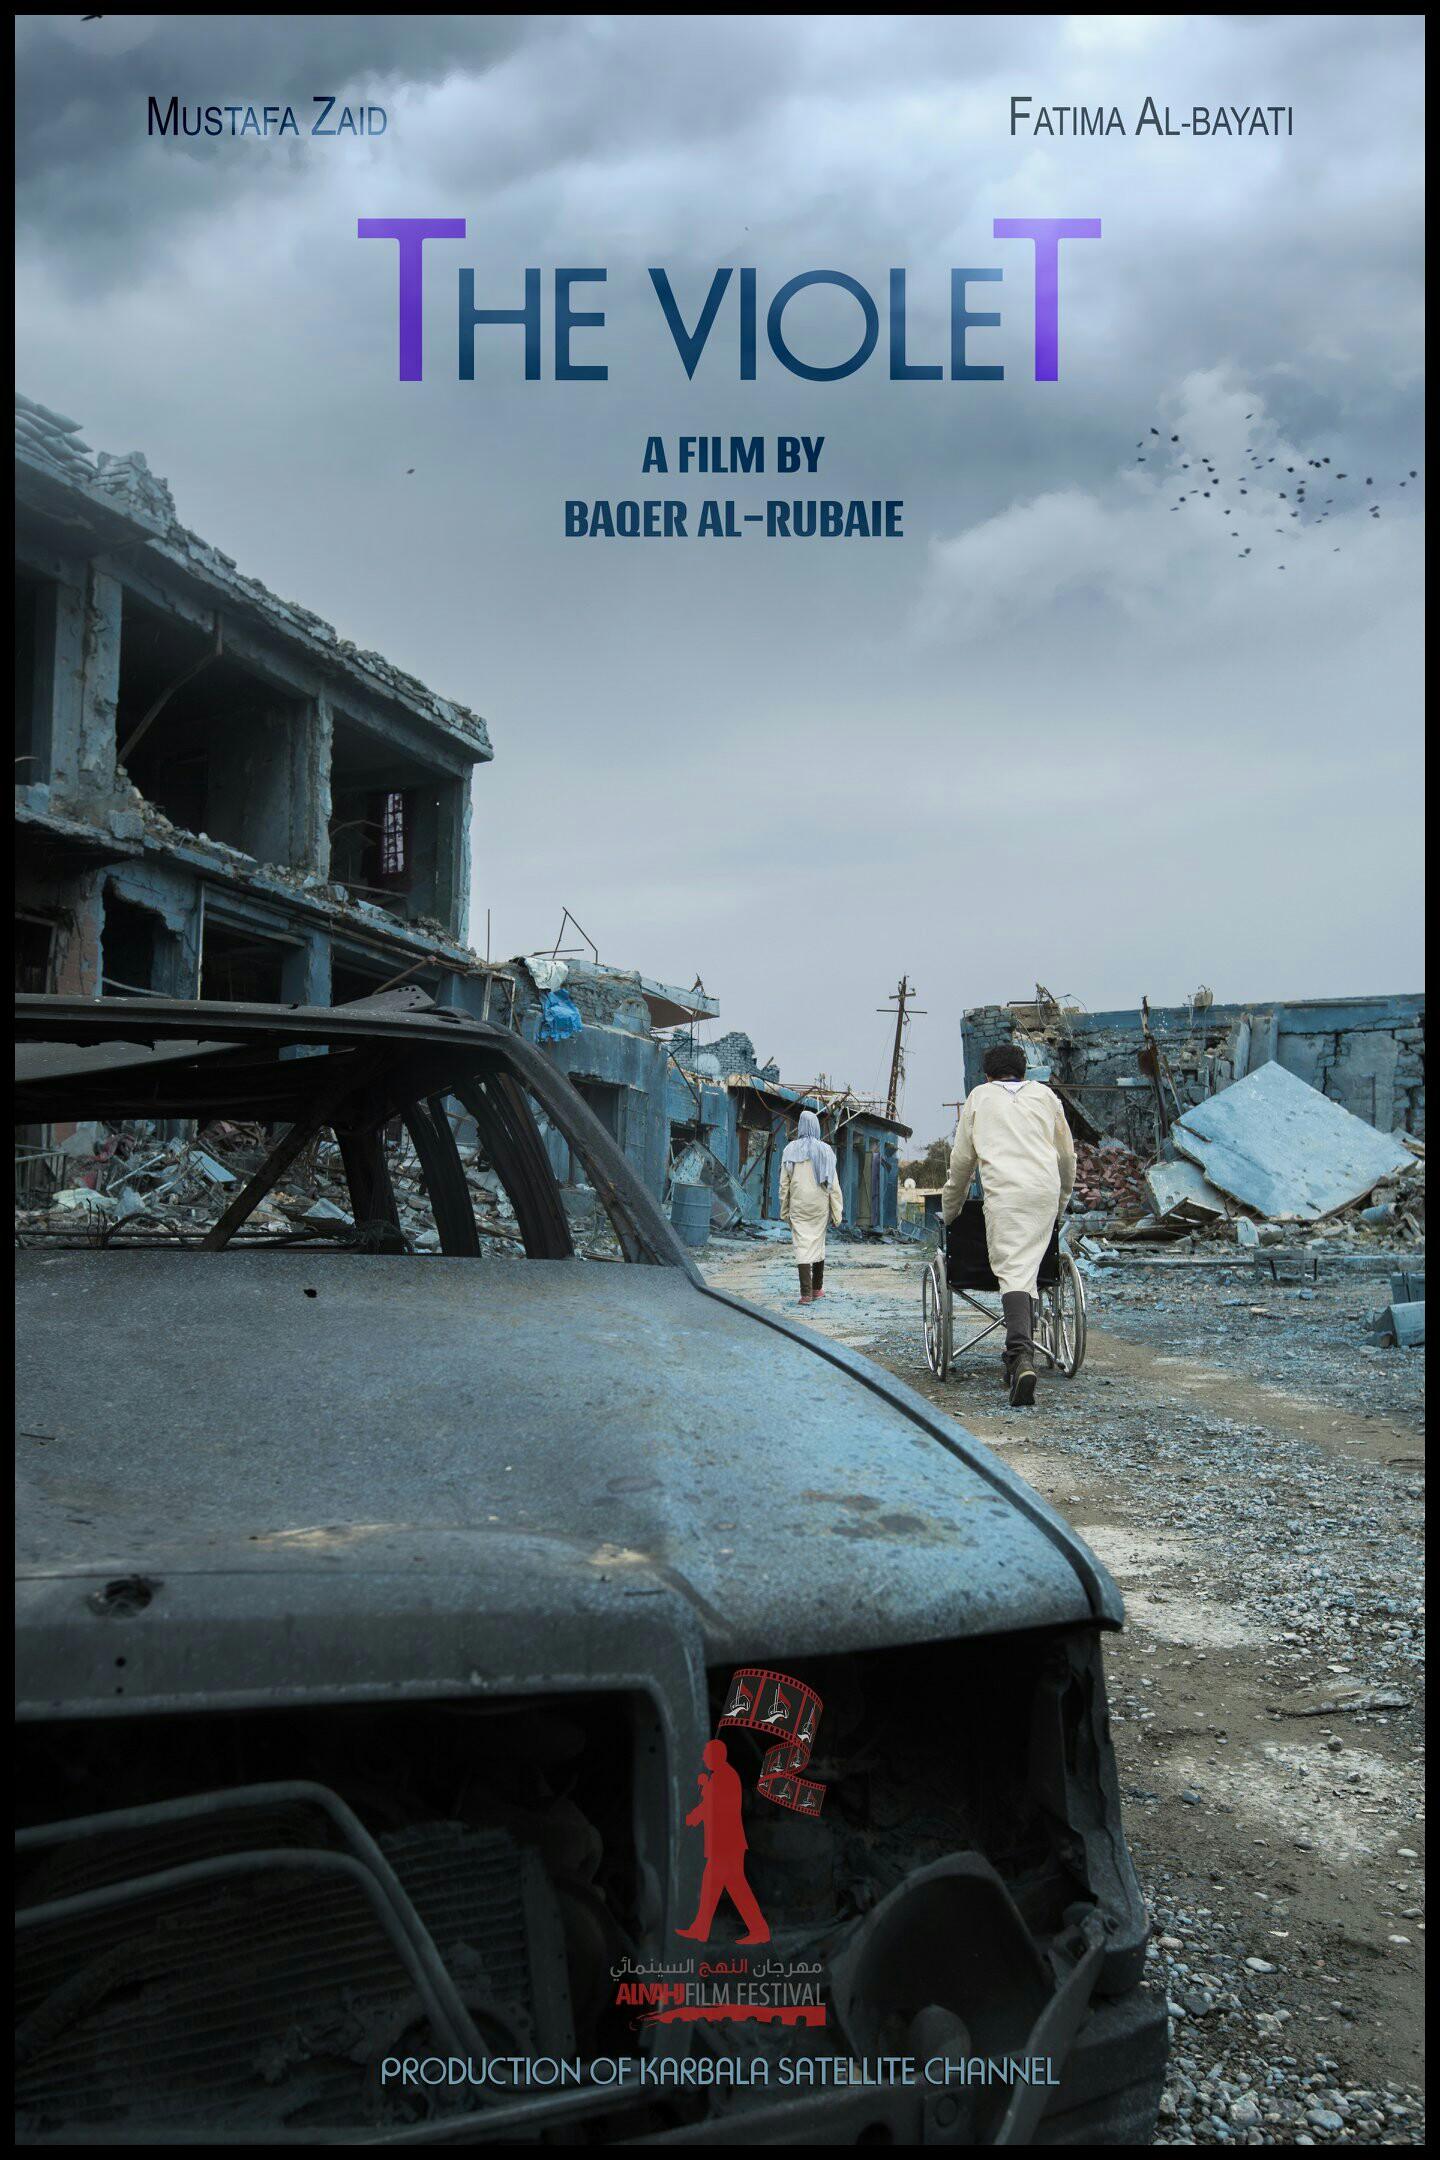 """الفيلم العراقي """" البنفسجية"""" للمخرج باقر الربيعي في الدورة الثانية لمهرجان القدس السينمائي الدولي"""